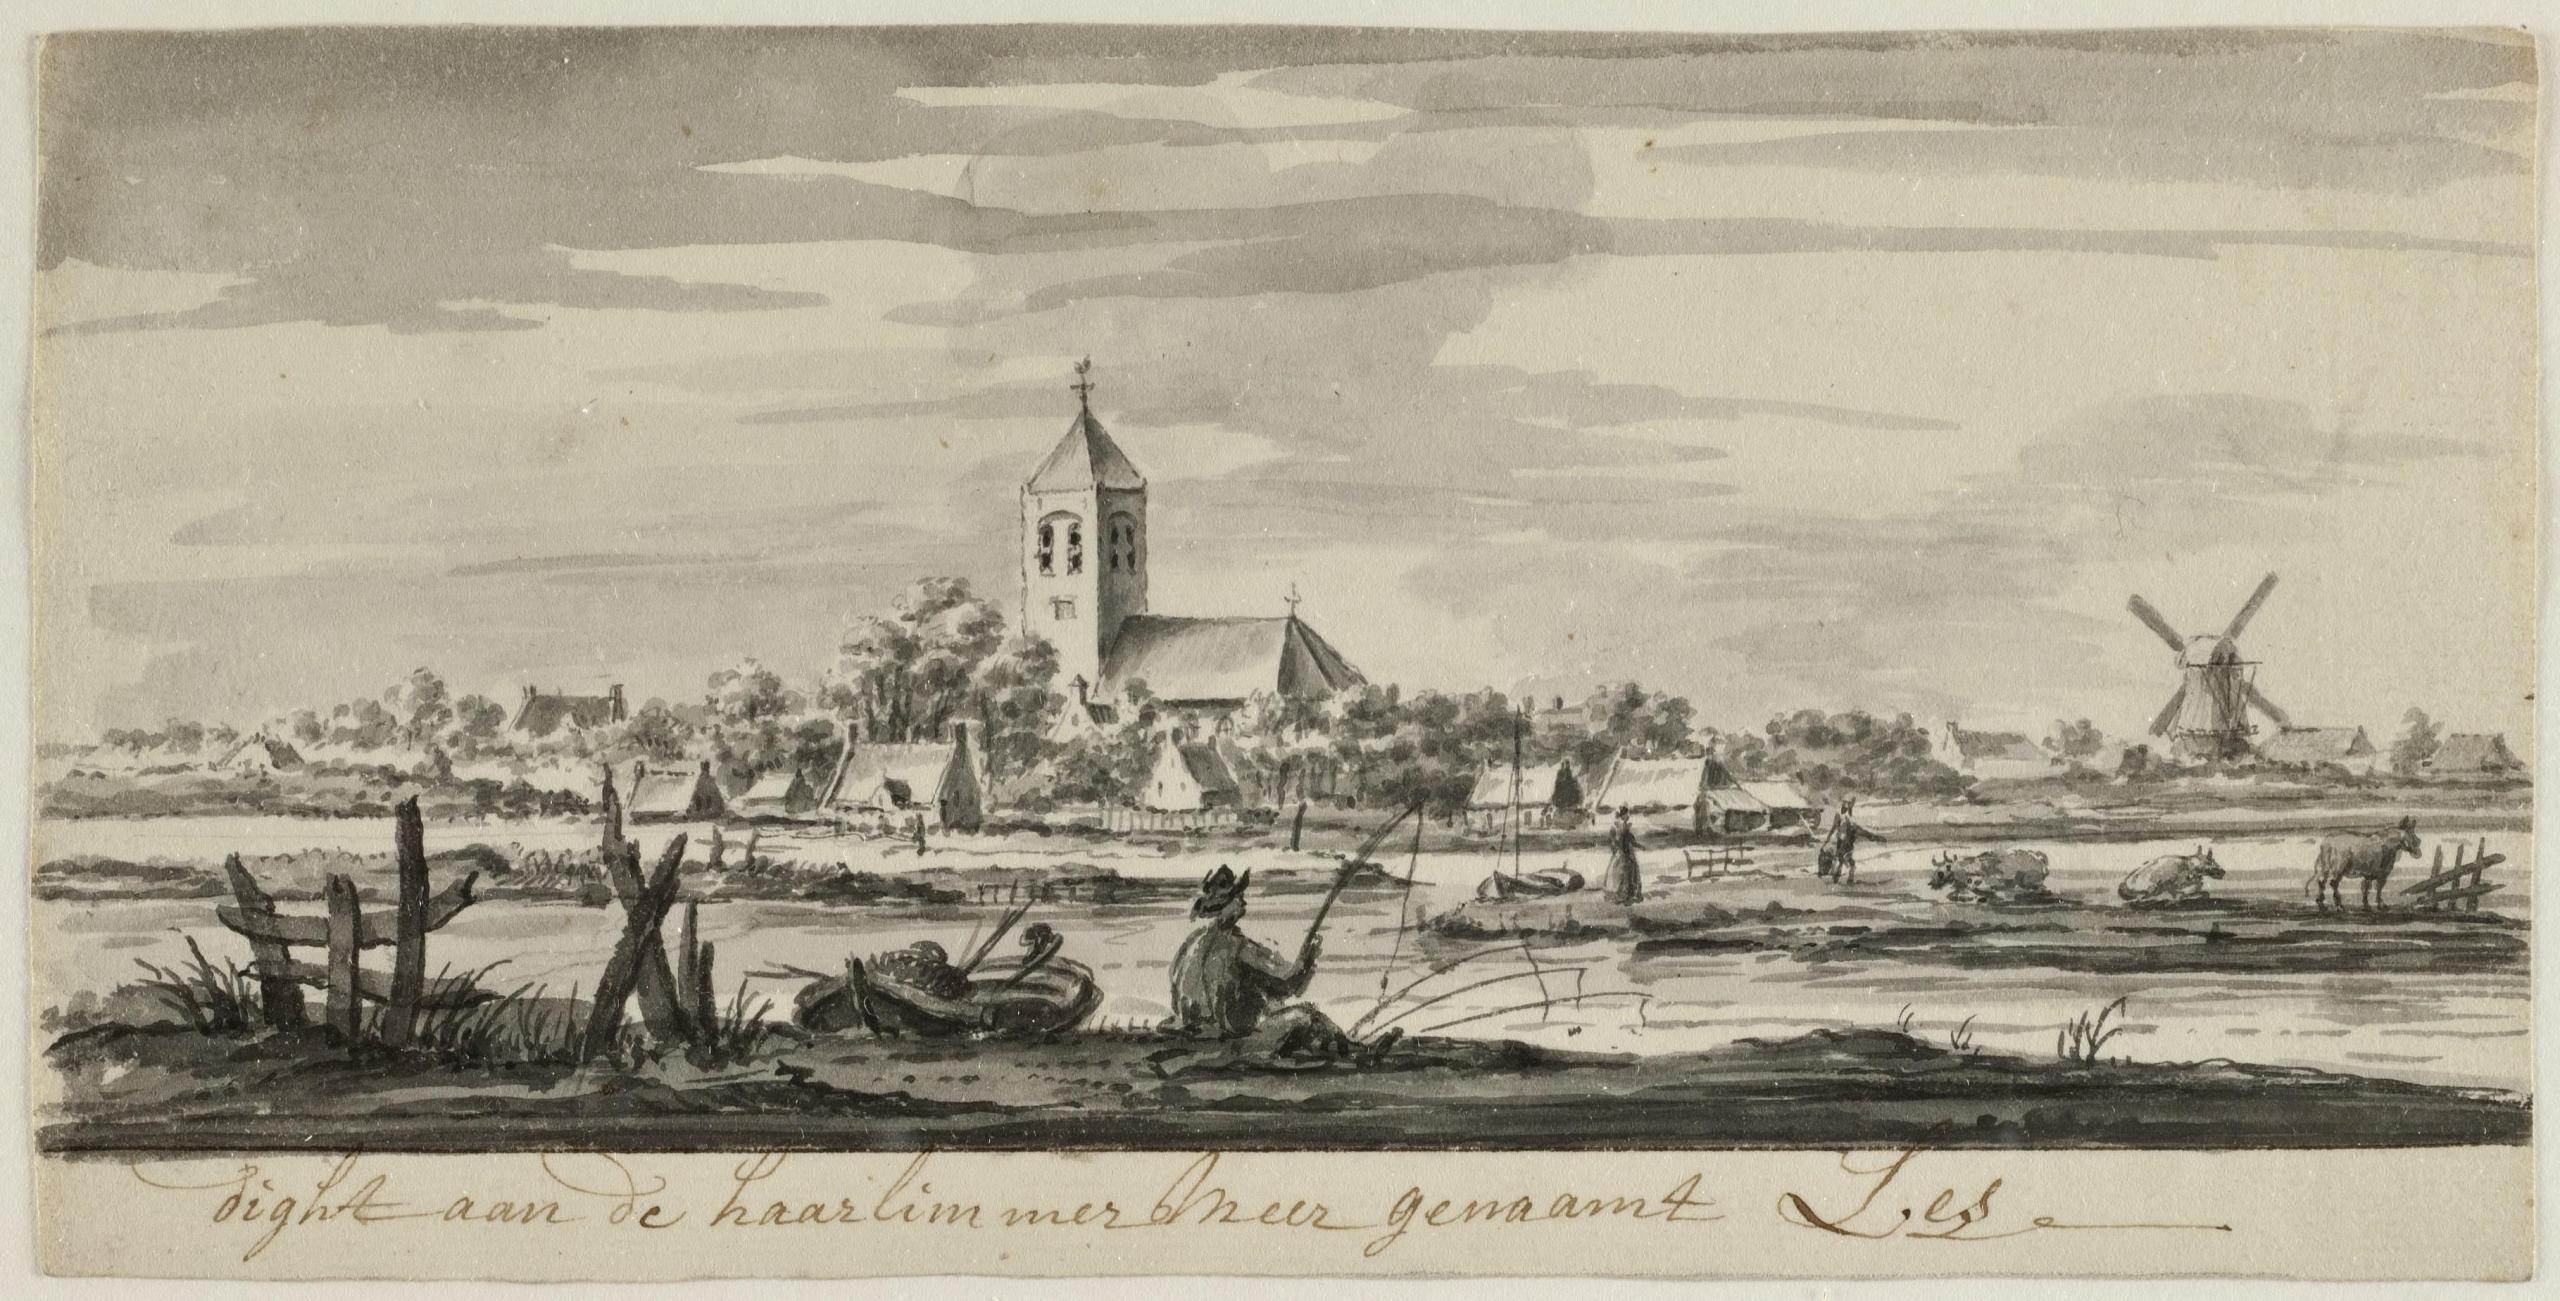 Sight aan de haarlimmer Meer genaamt Lis, Pieter Idserts (1698-1781), Collectie Historisch Archief Haarlemmermeer